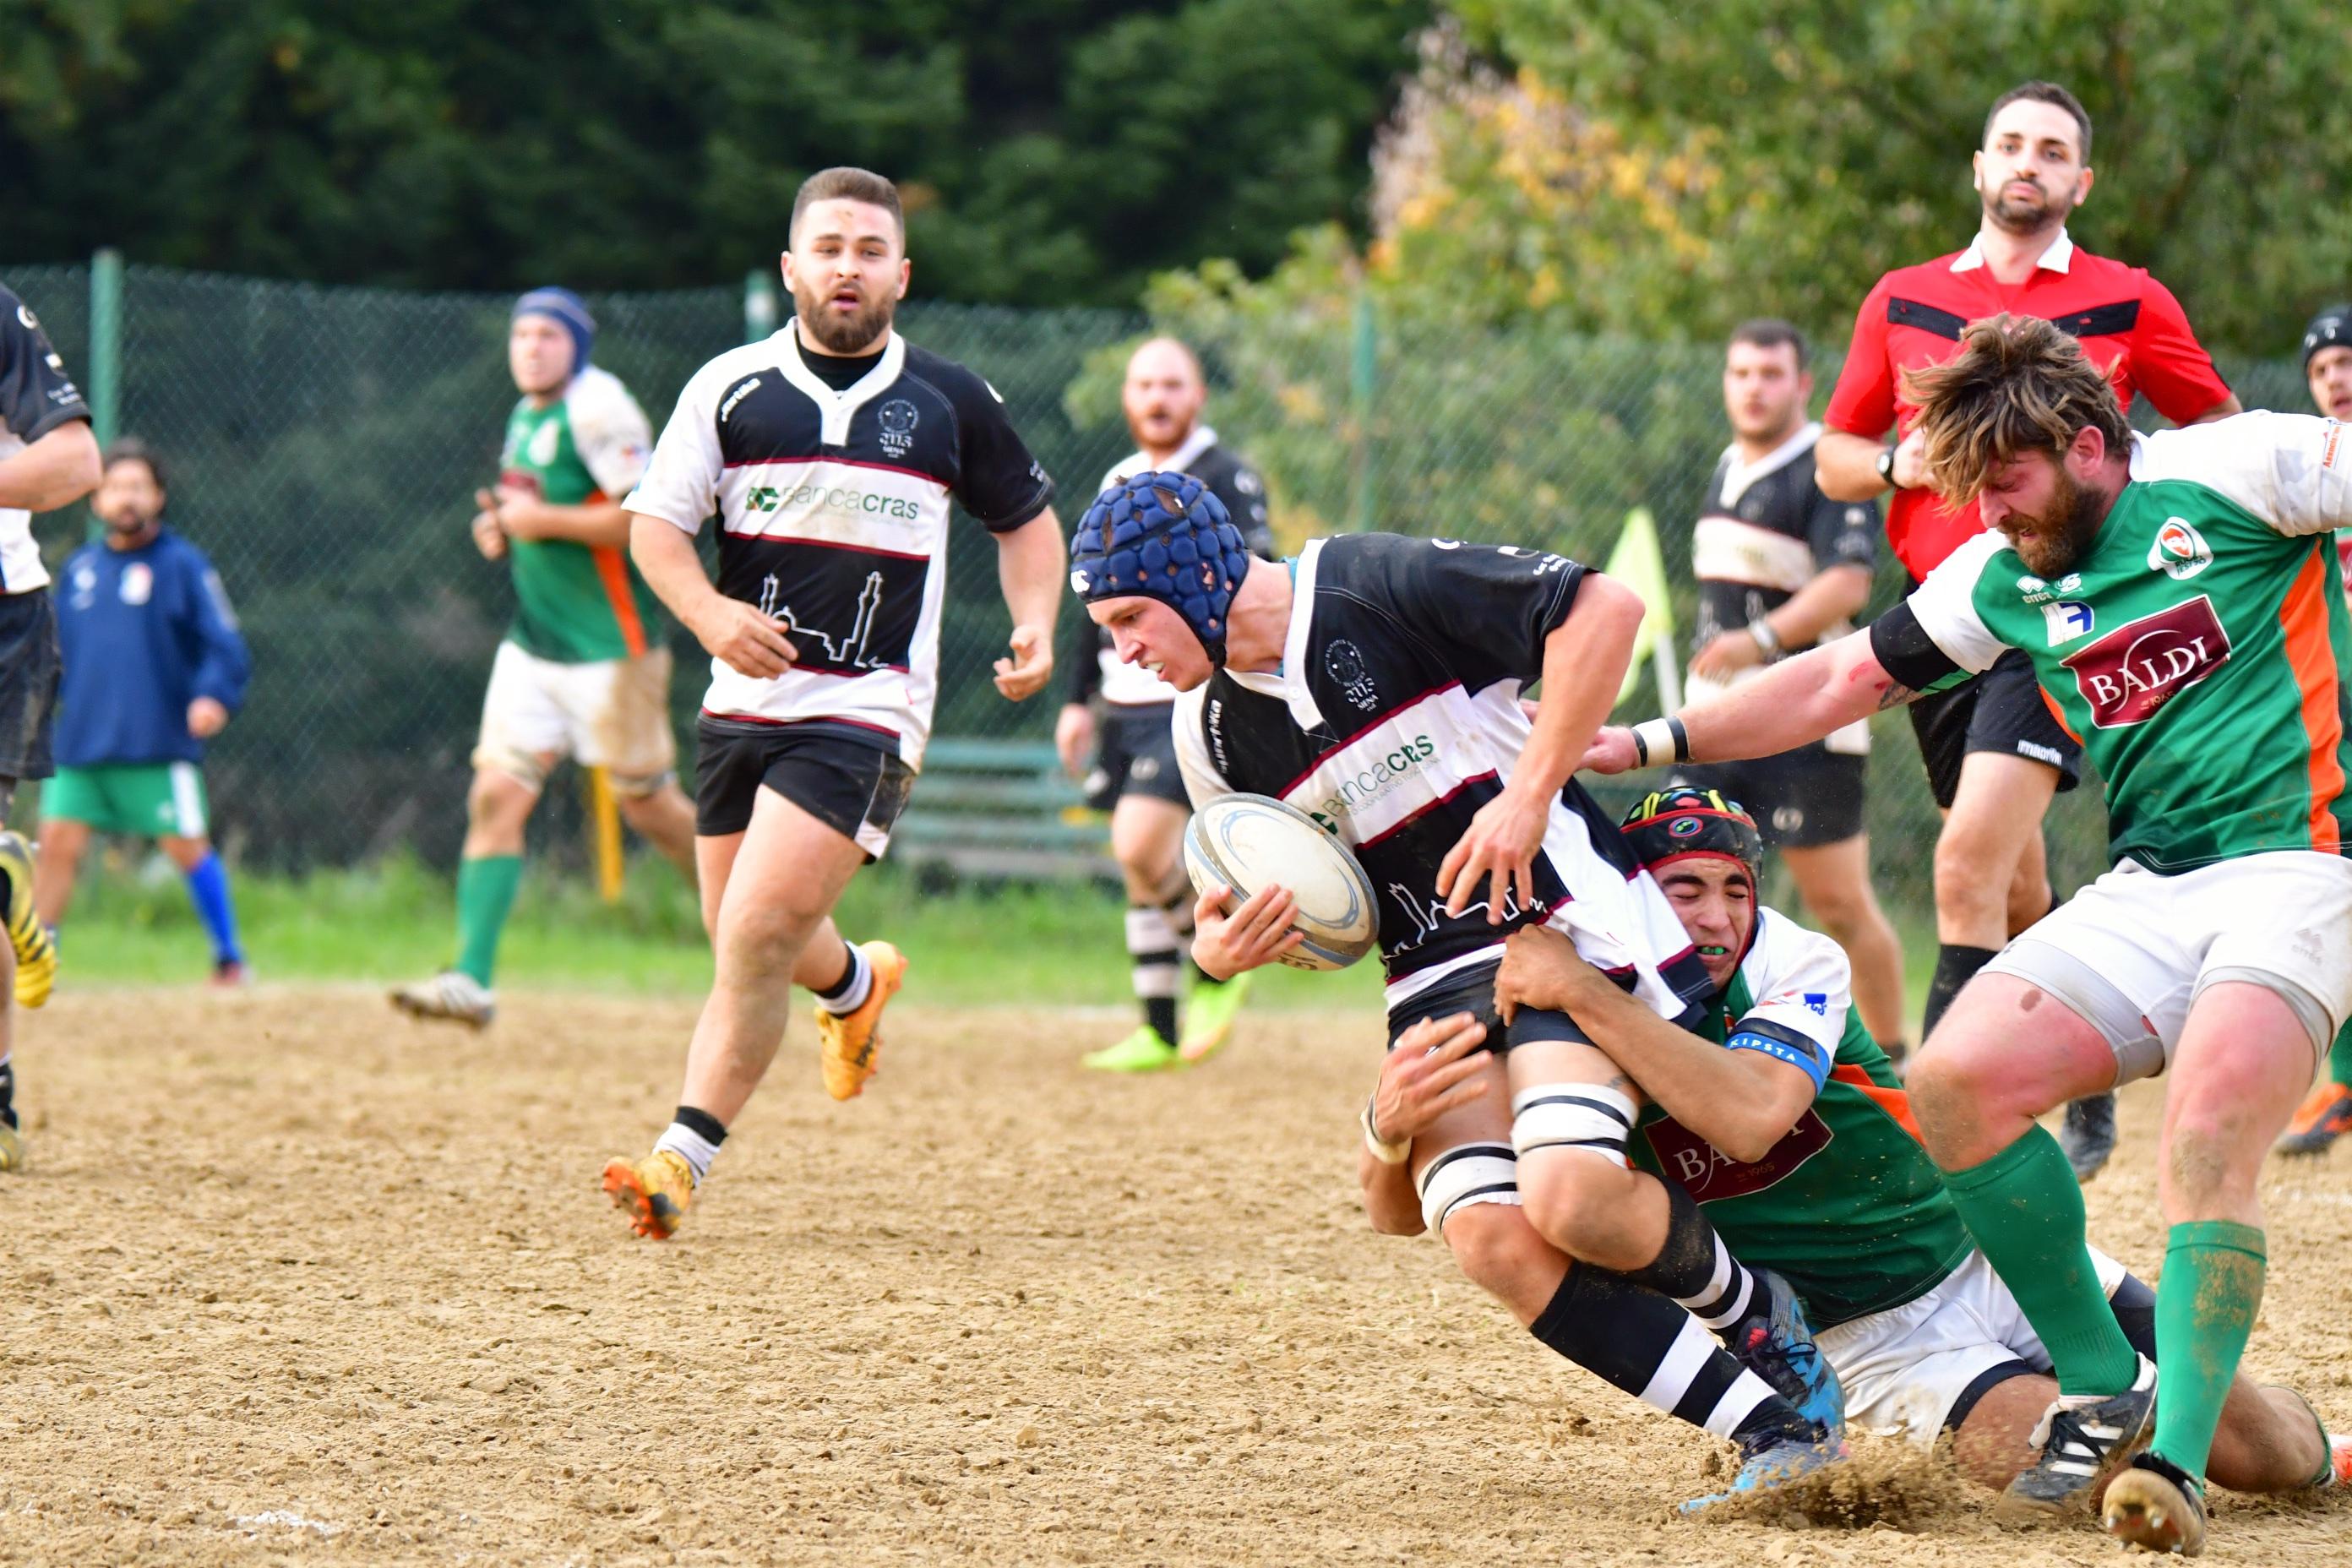 Vittoria convincente per il Banca CRAS CUS Siena contro il Rugby Jesi '70